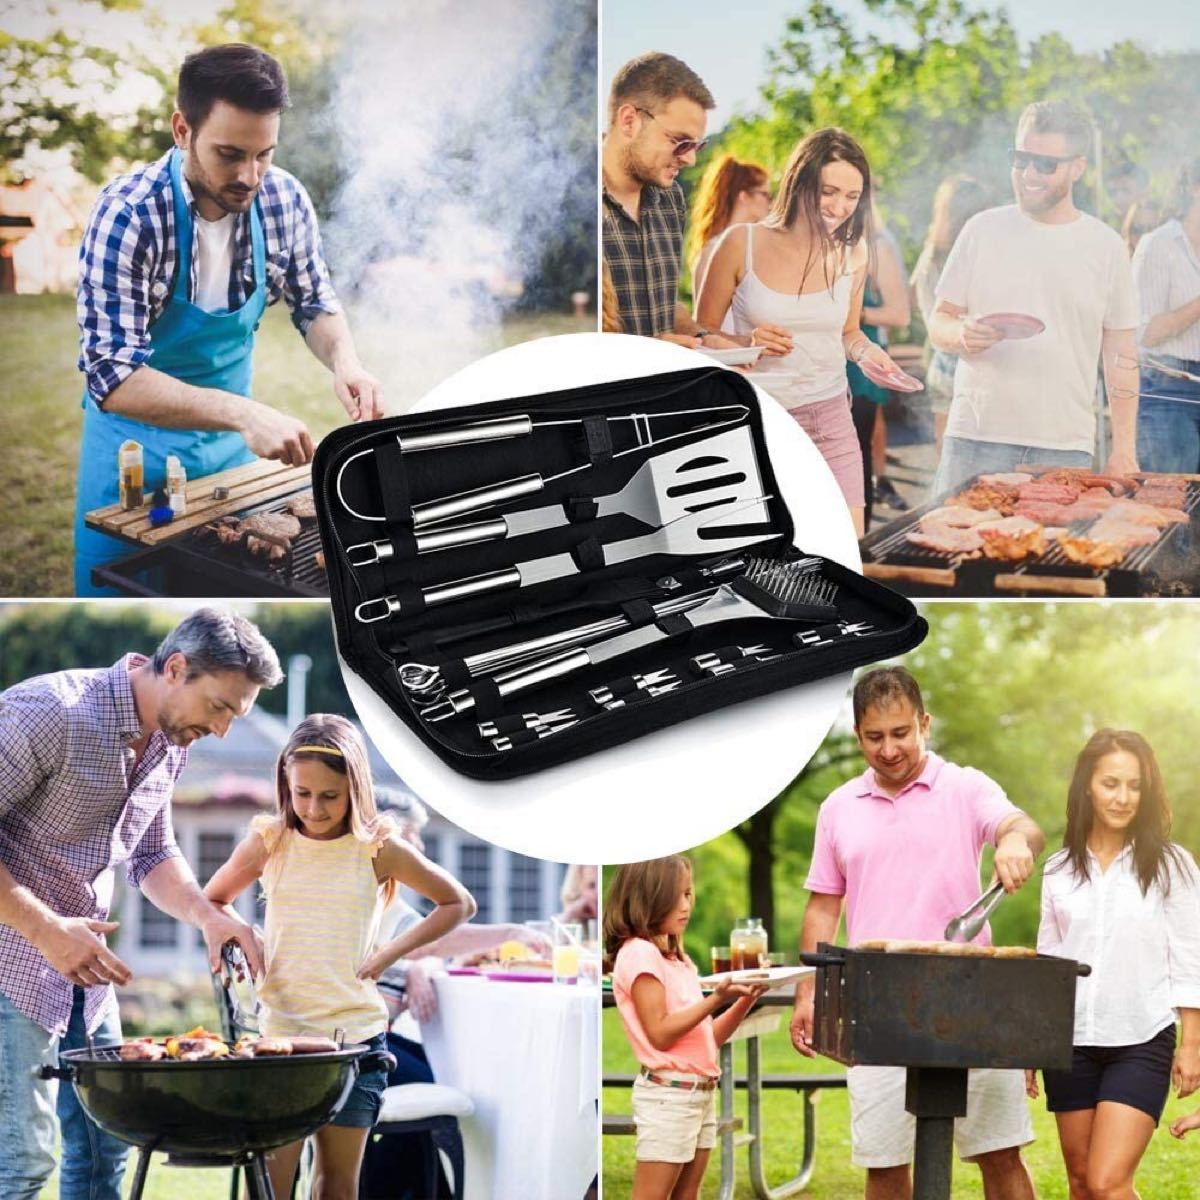 バーベキュー 調理器具 BBQ セット クッキングツール キャンプ用品 22点セット料理器具 バーベキュー用串 バーベキューブラシ